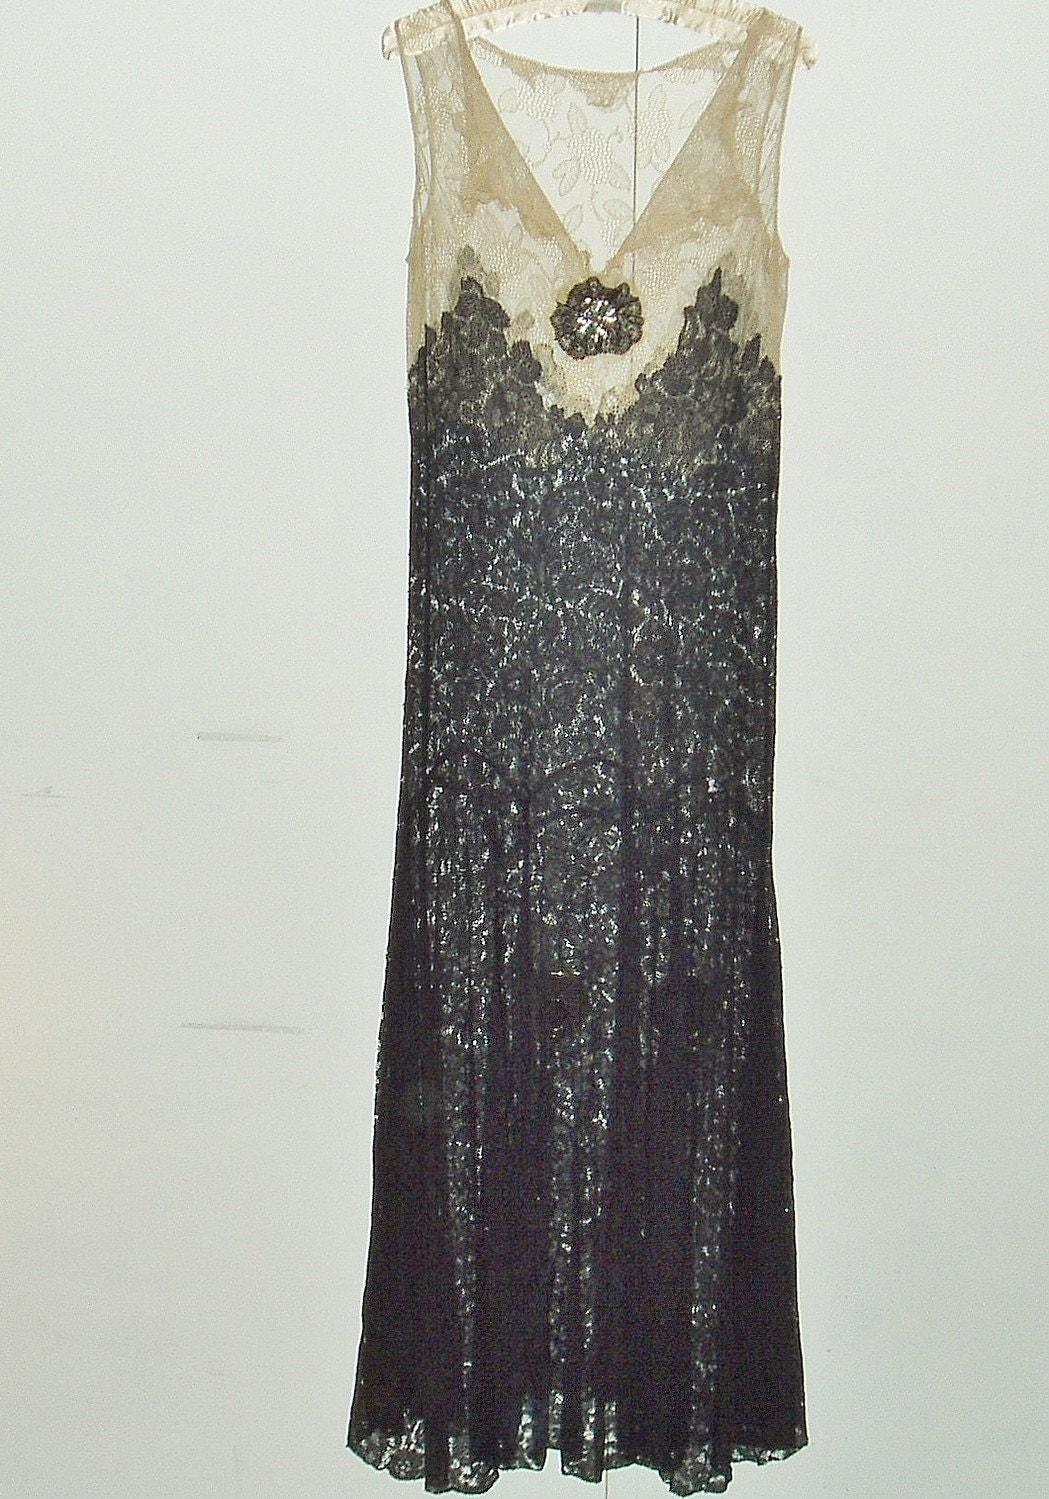 1920s 30s Antique Black Drop Waist Lace Dress By